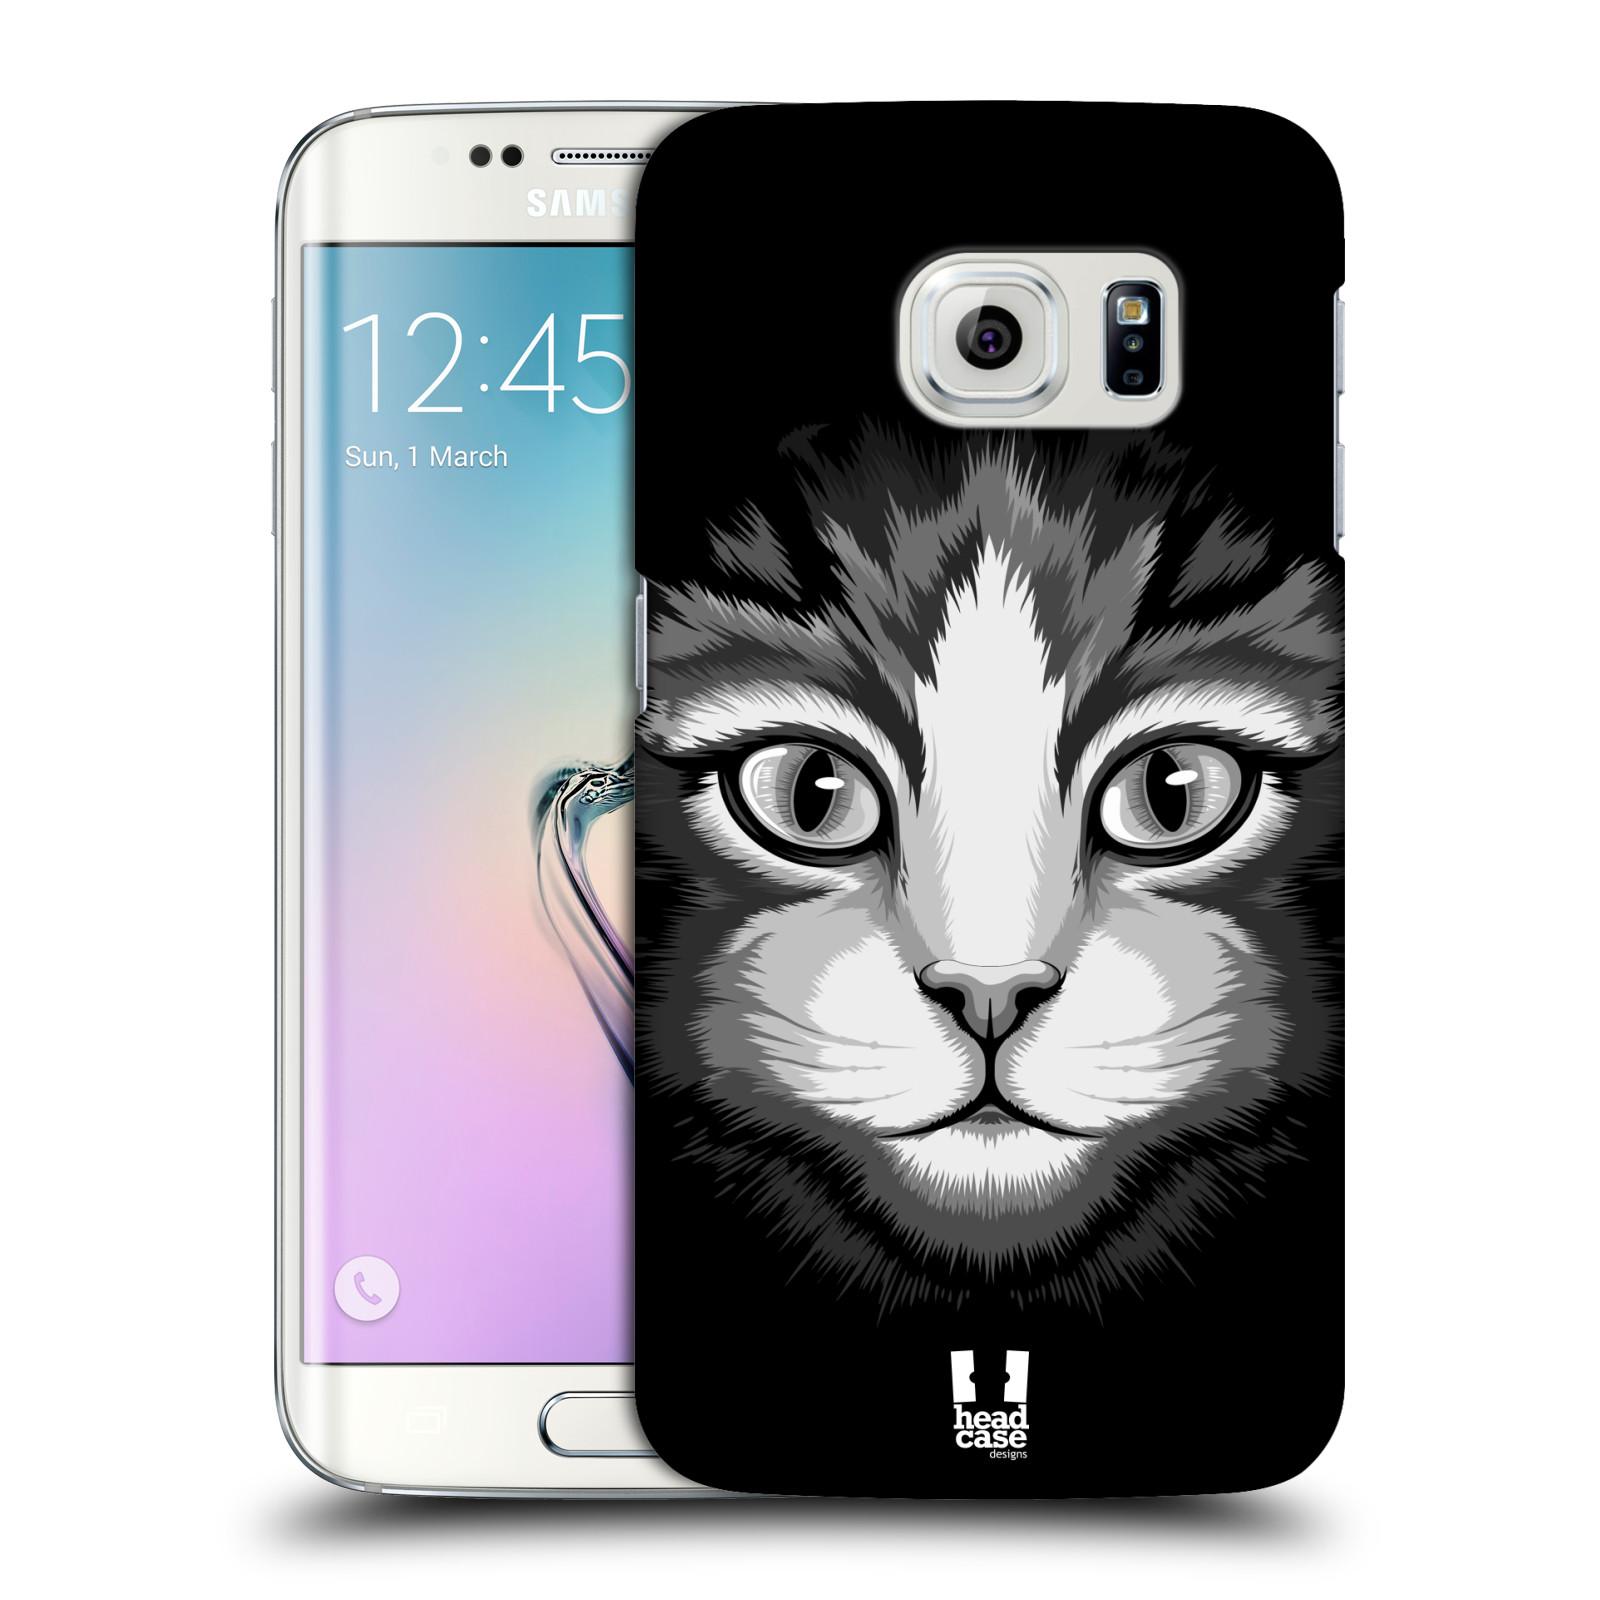 HEAD CASE plastový obal na mobil SAMSUNG Galaxy S6 EDGE (G9250, G925, G925F) vzor Zvíře kreslená tvář 2 kočička